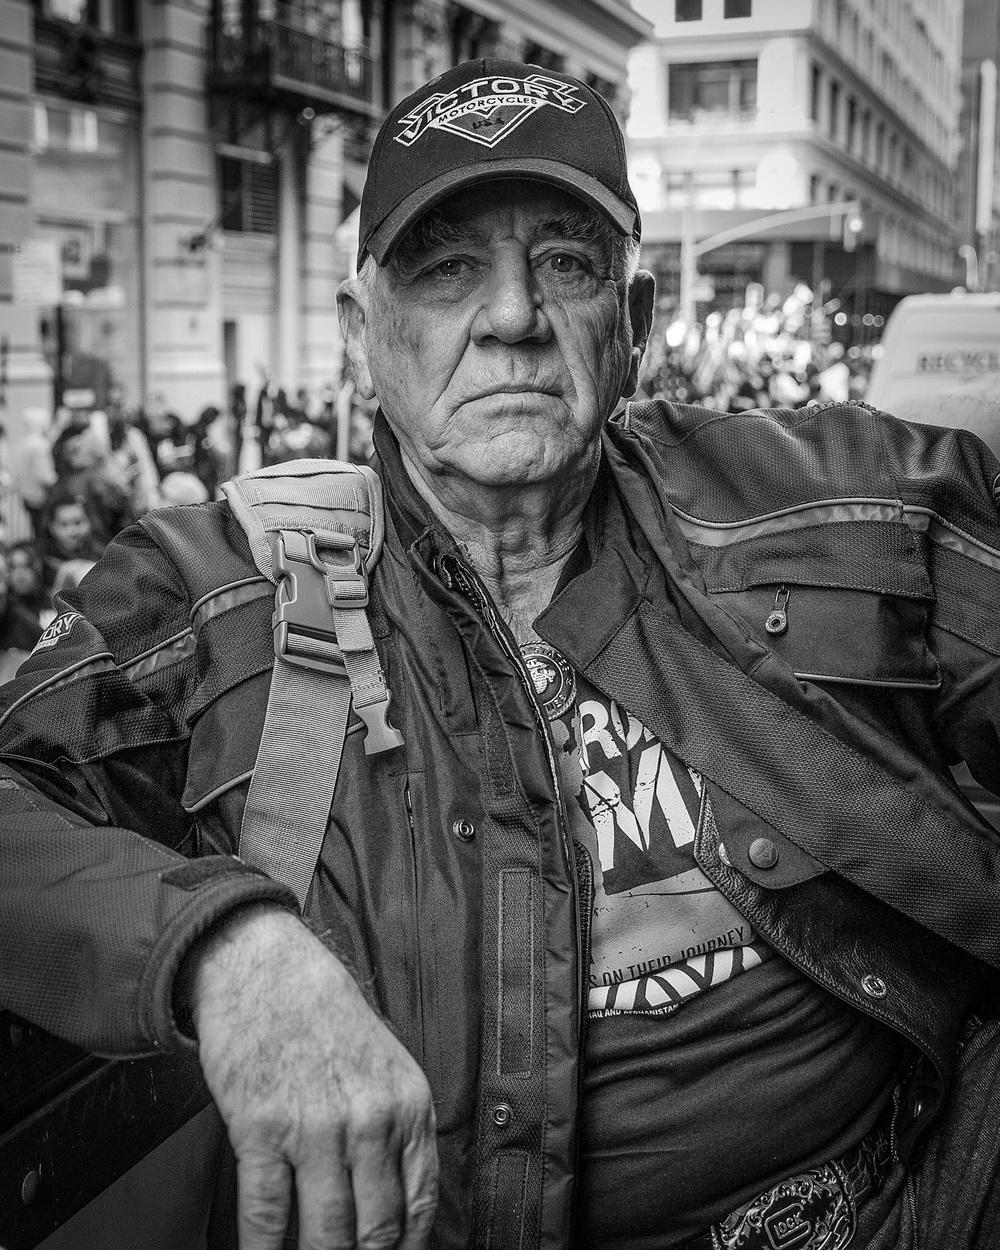 The Gunny, R. Lee Ermey at the Veterans Day Parade, New York City, NY.